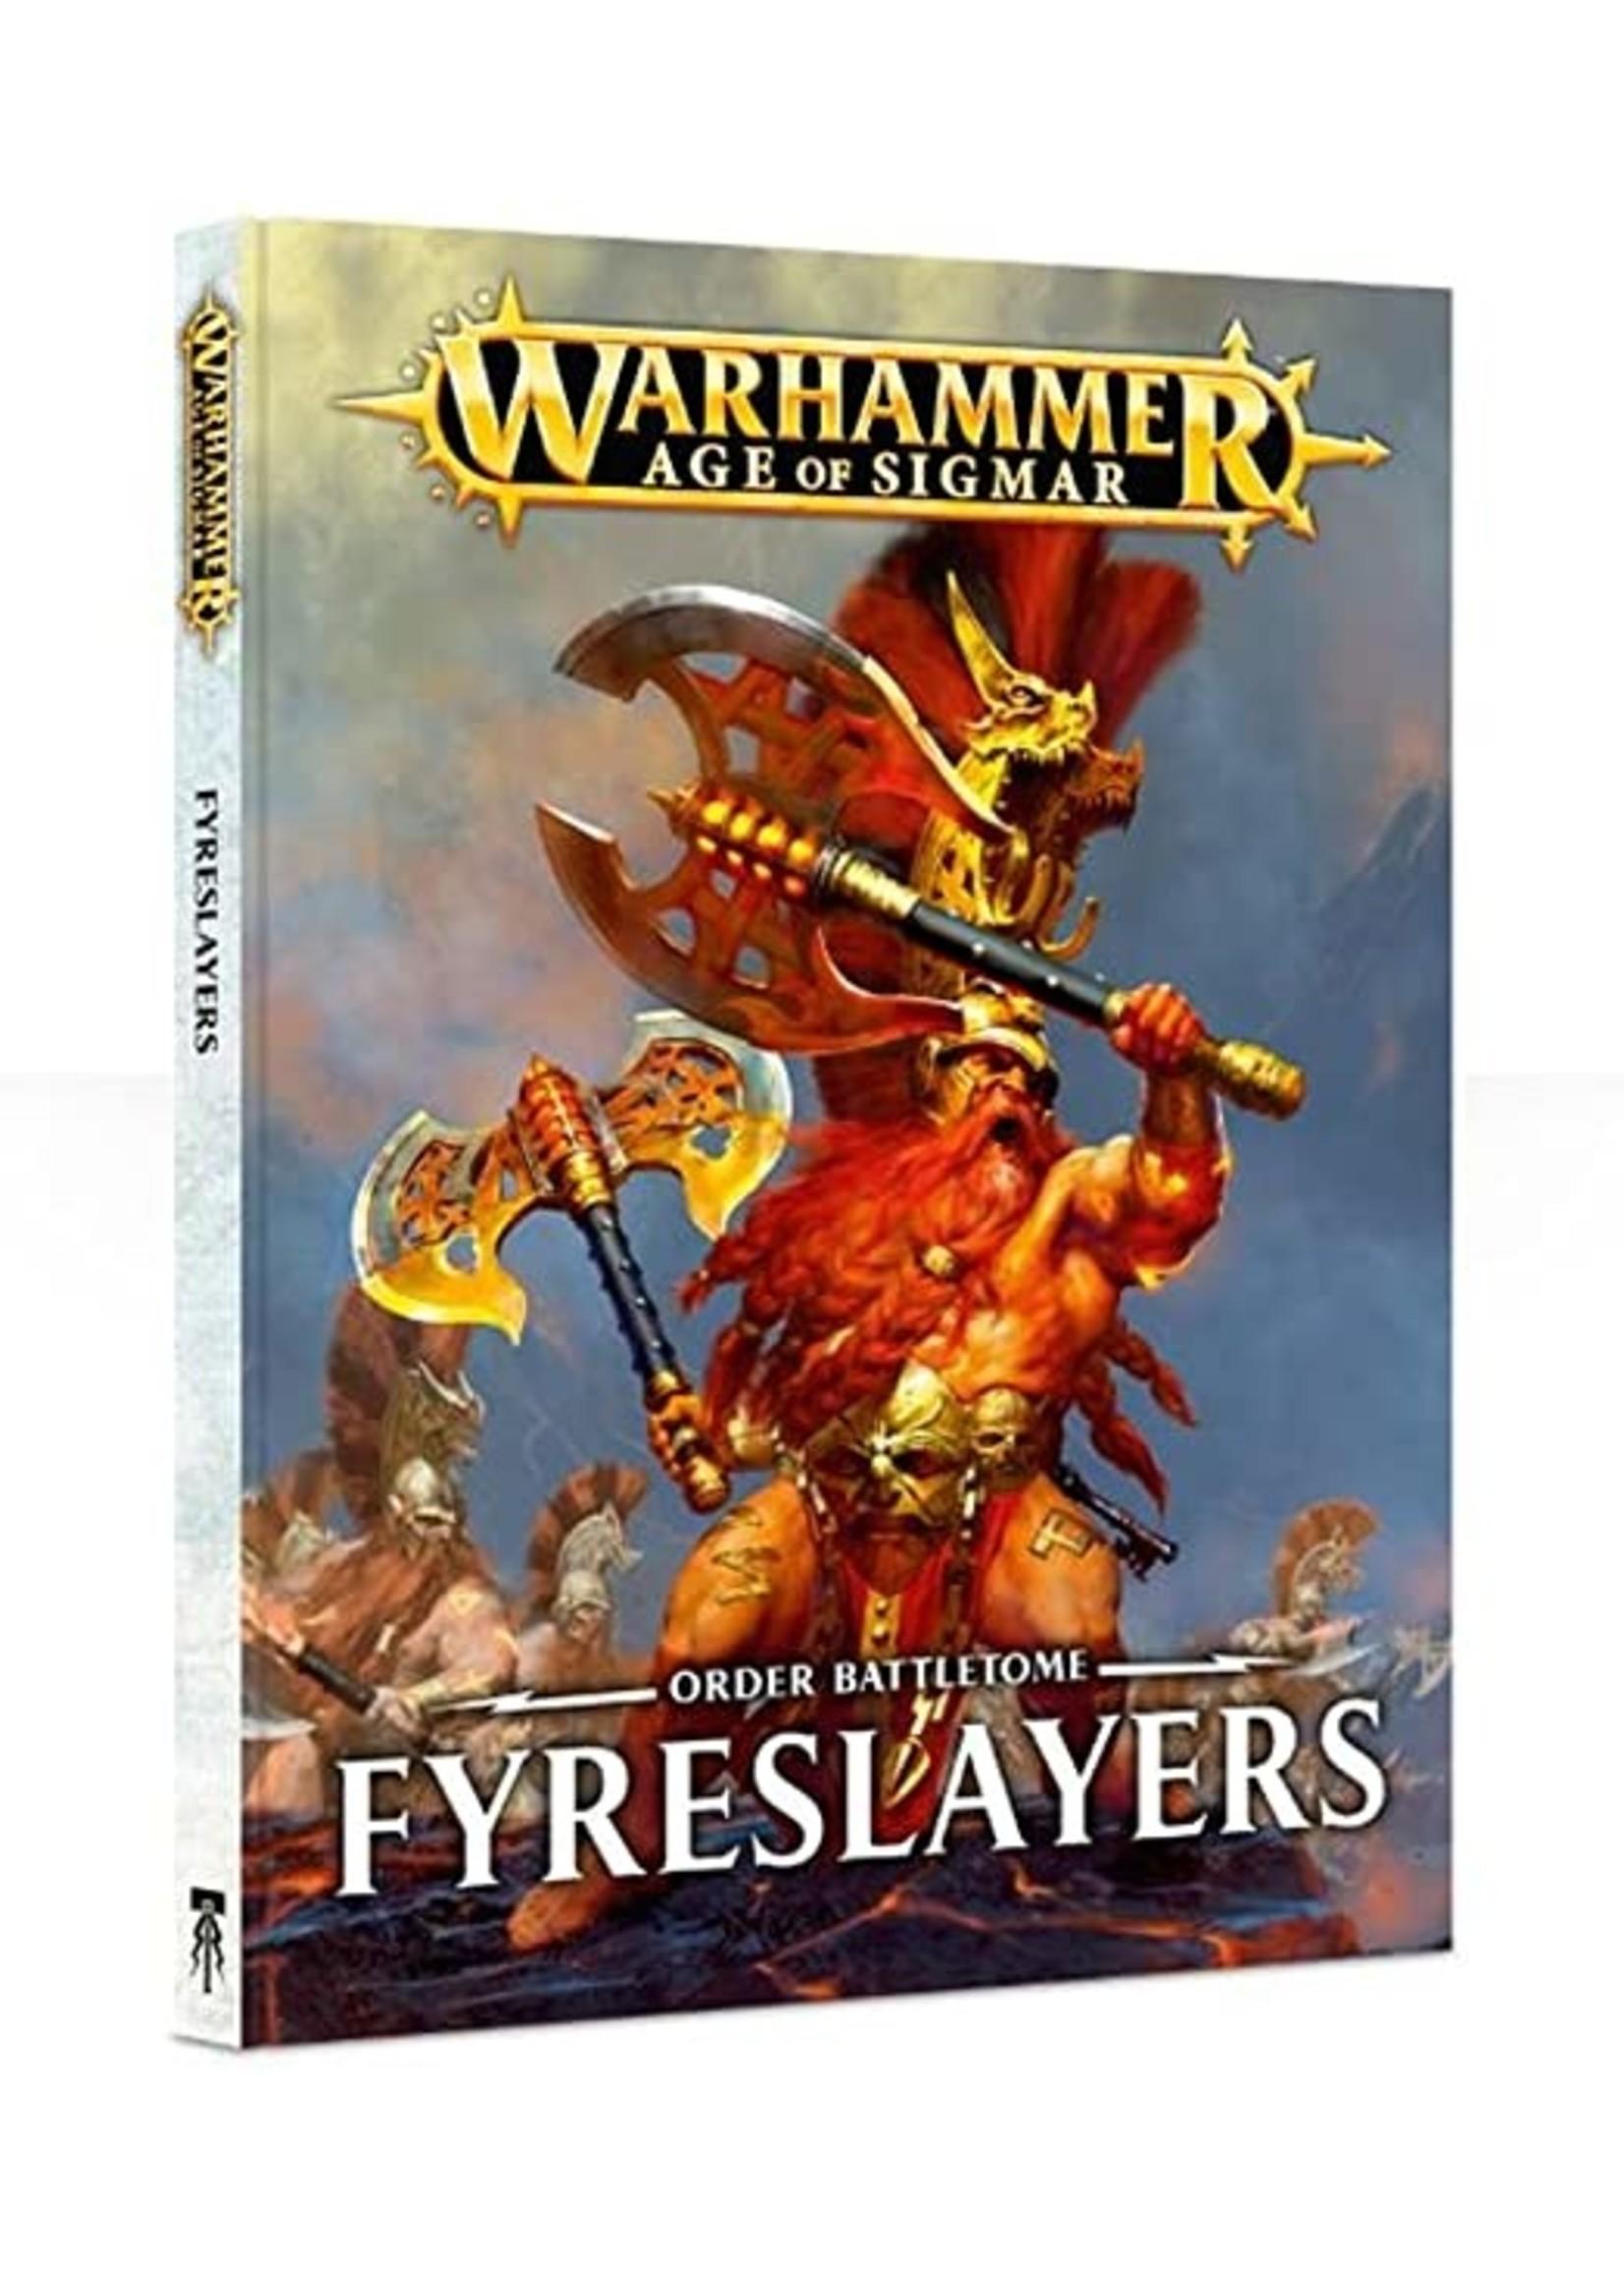 Warhammer Age of Sigmar: Order Battletome - Fyreslayers (Hardcover)